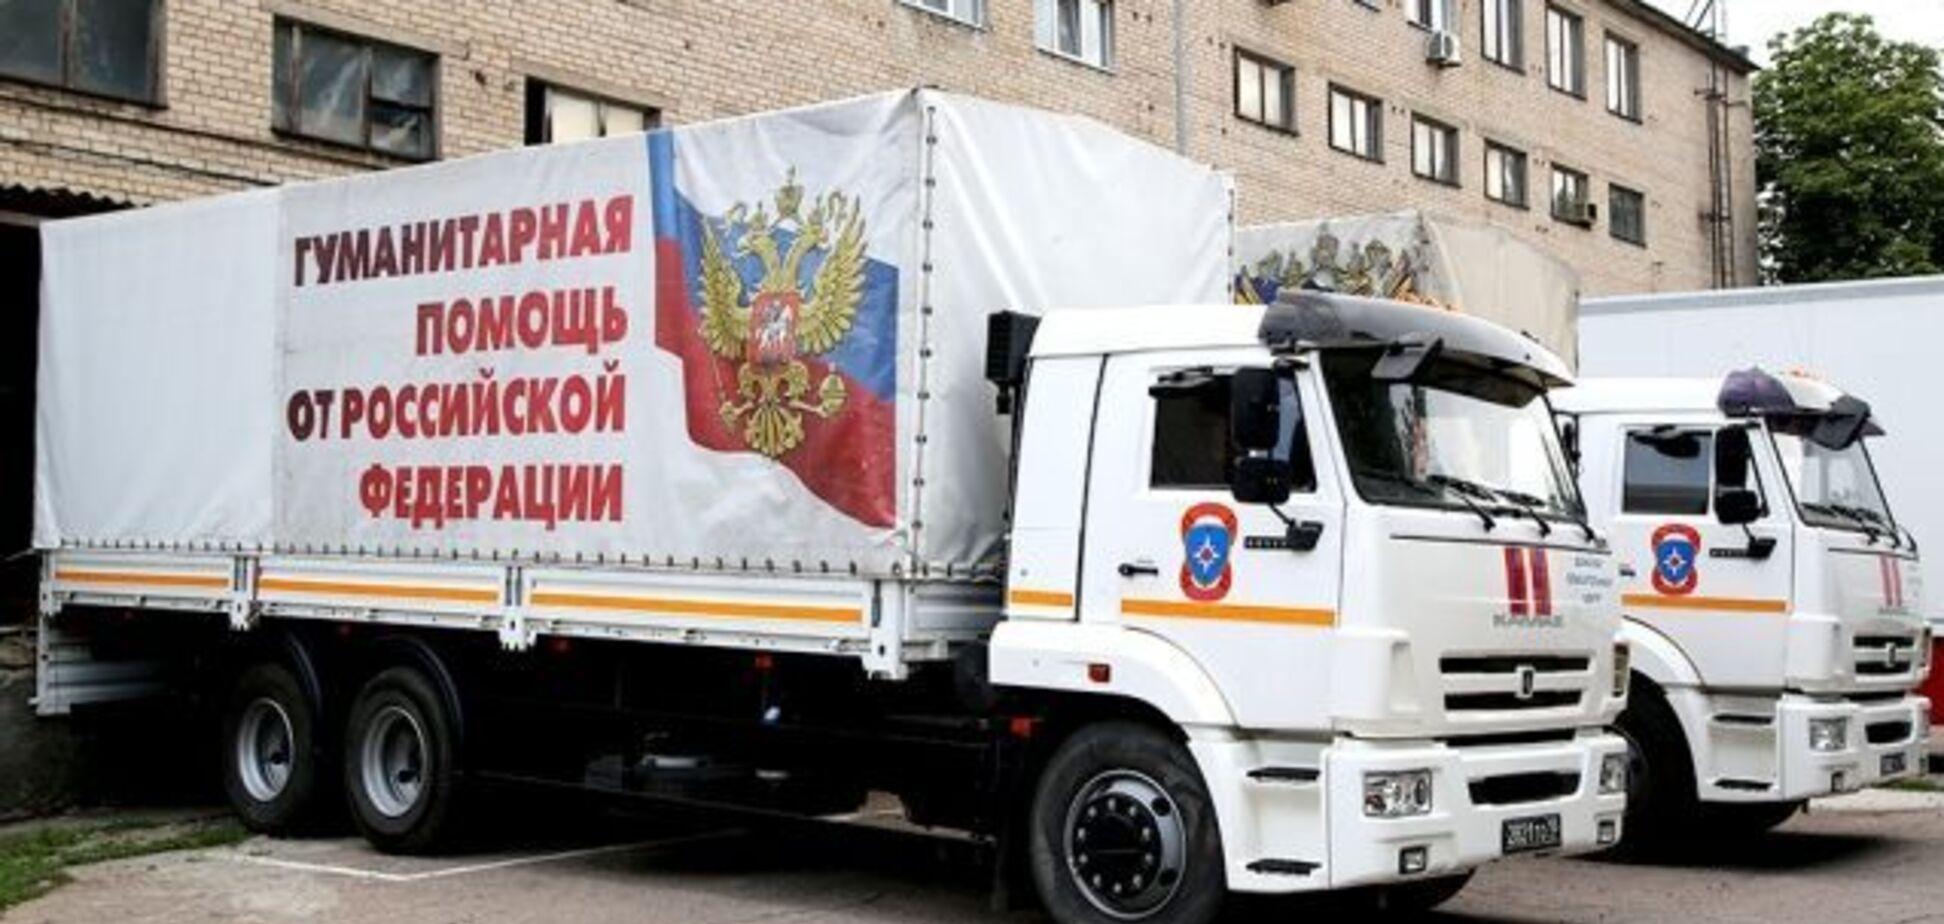 Россия перебросила на Донбасс очередной 'гуманитарный конвой'